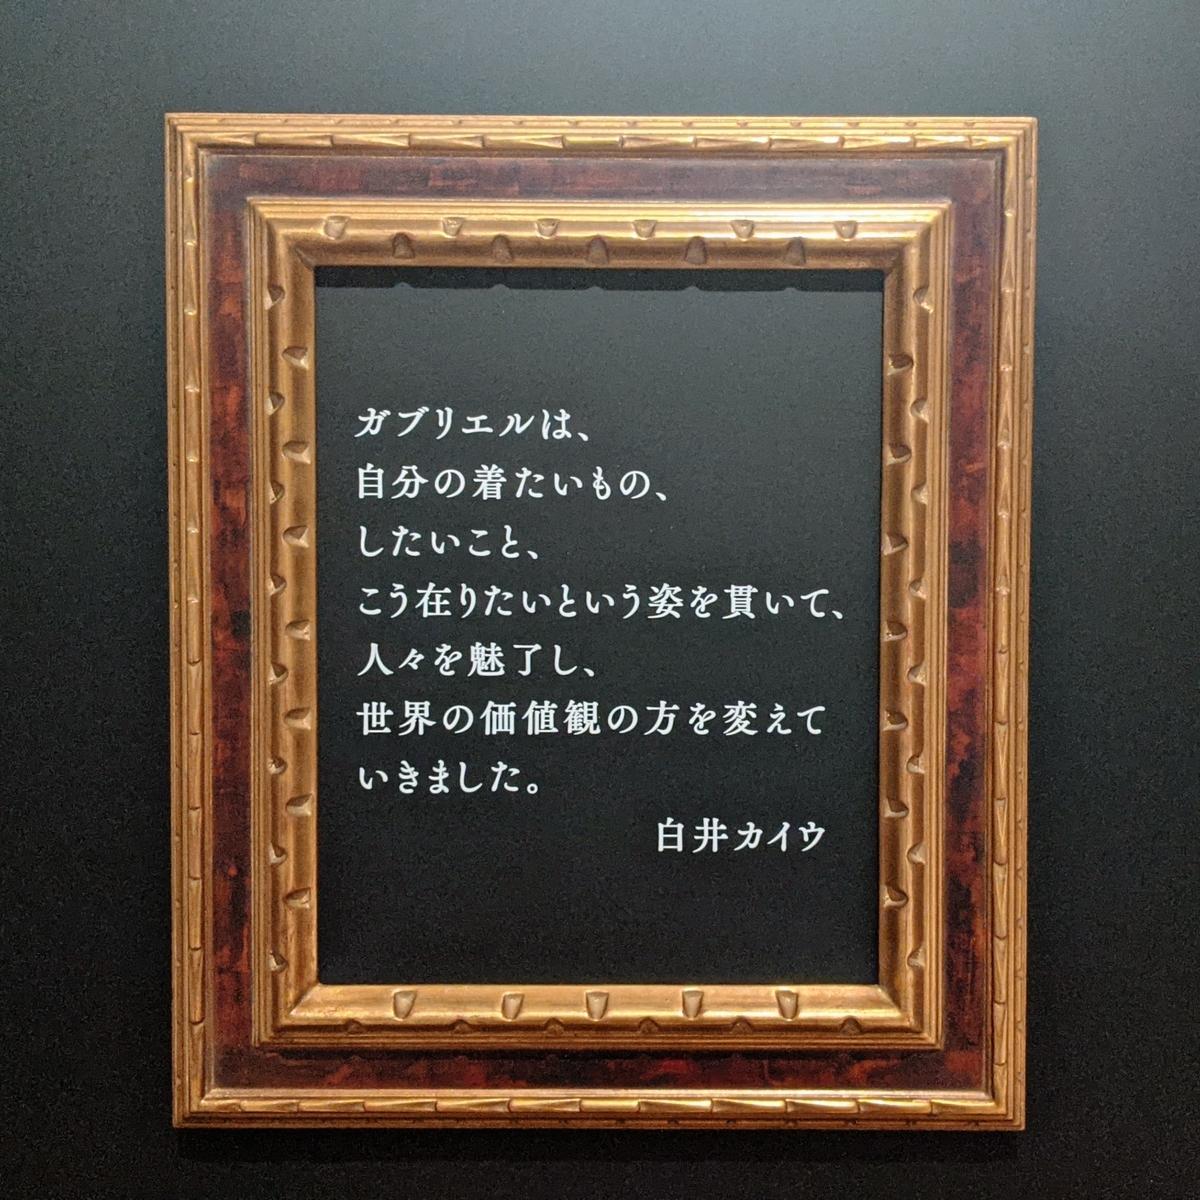 f:id:hitomi_1422:20210504212107j:plain